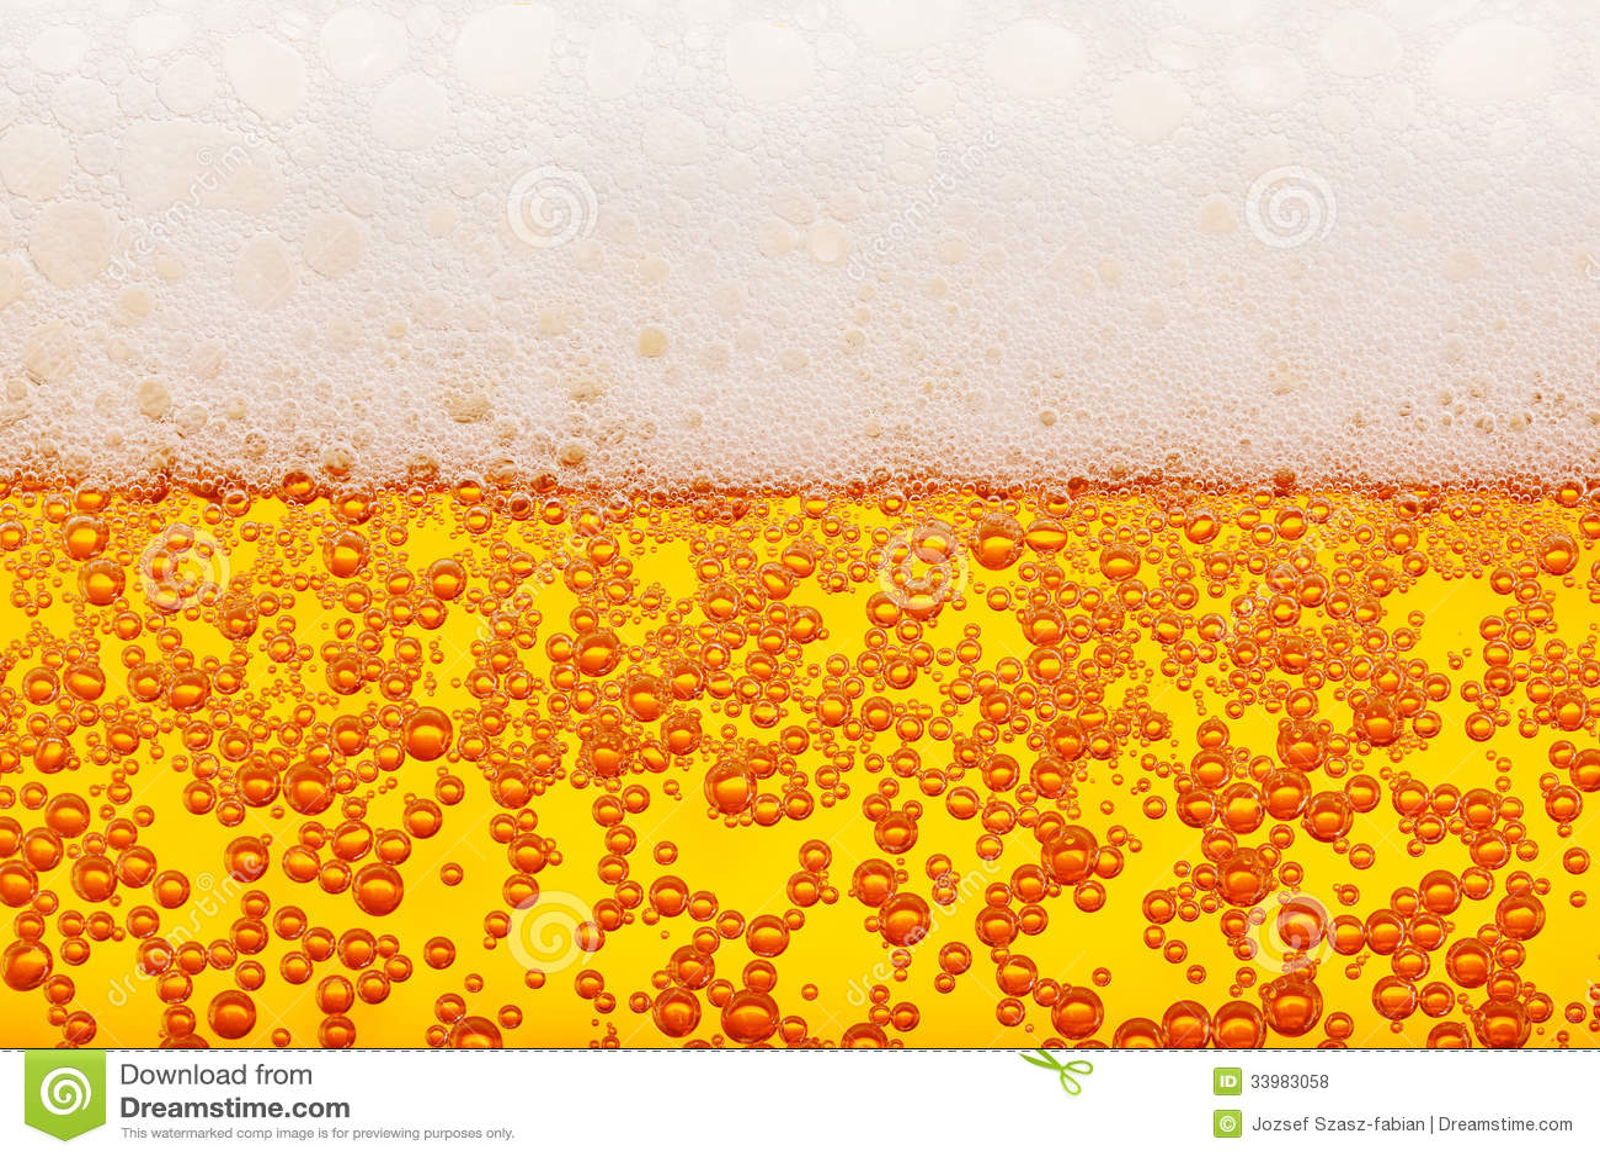 beer wallpaper border